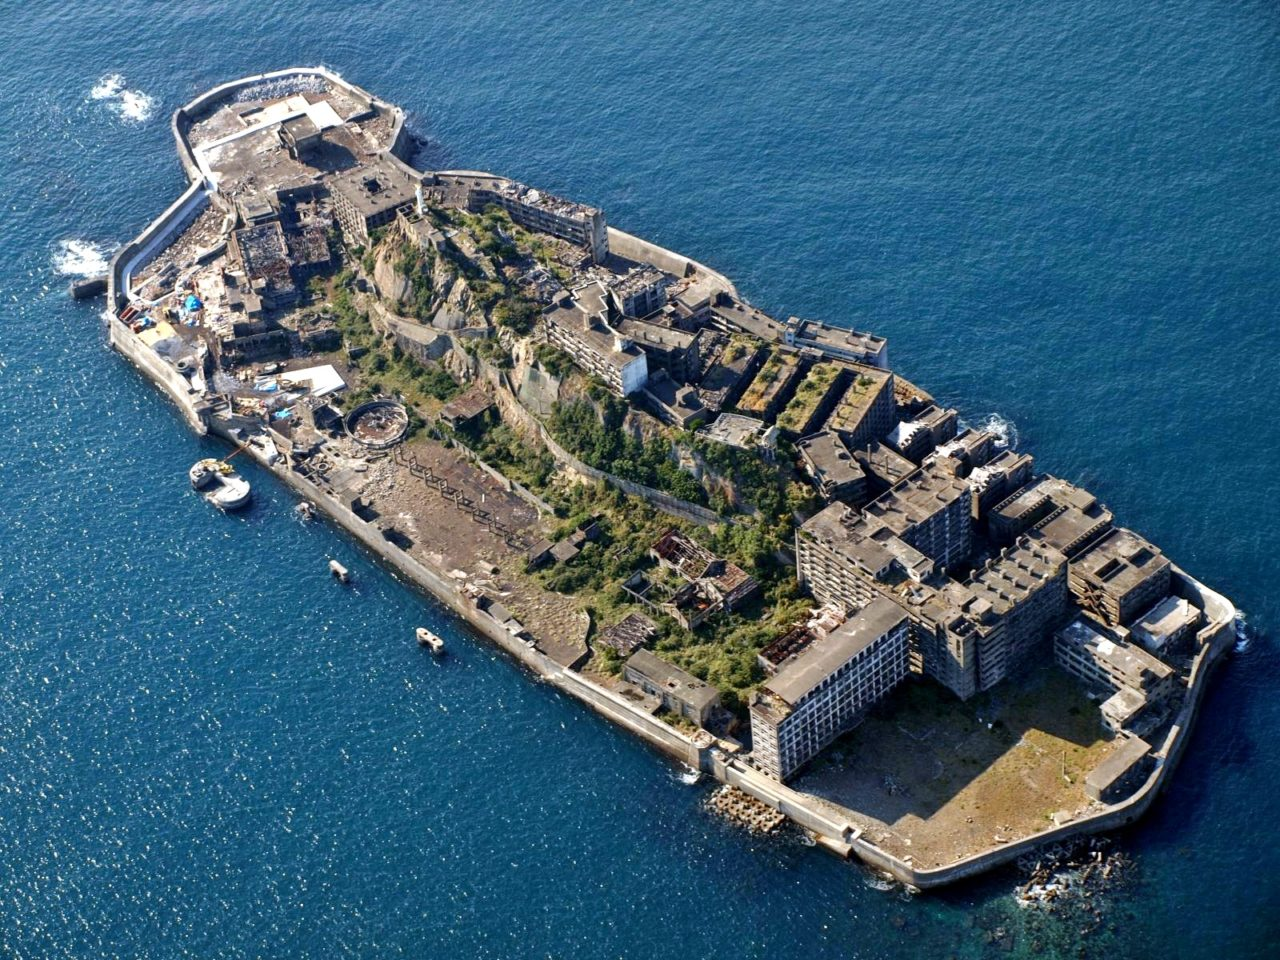 軍艦島クルーズで長崎の人気観光スポット軍艦島へ